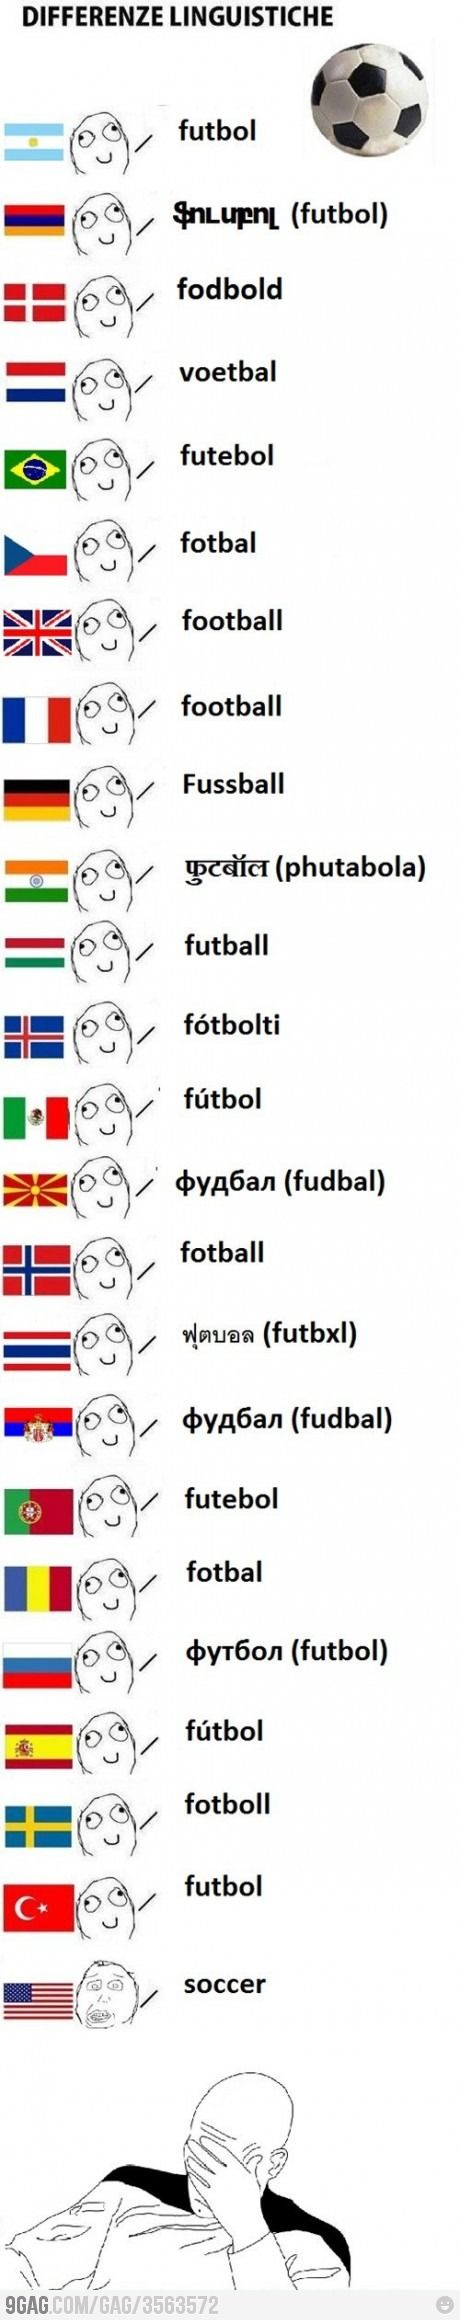 Fussball!!!!